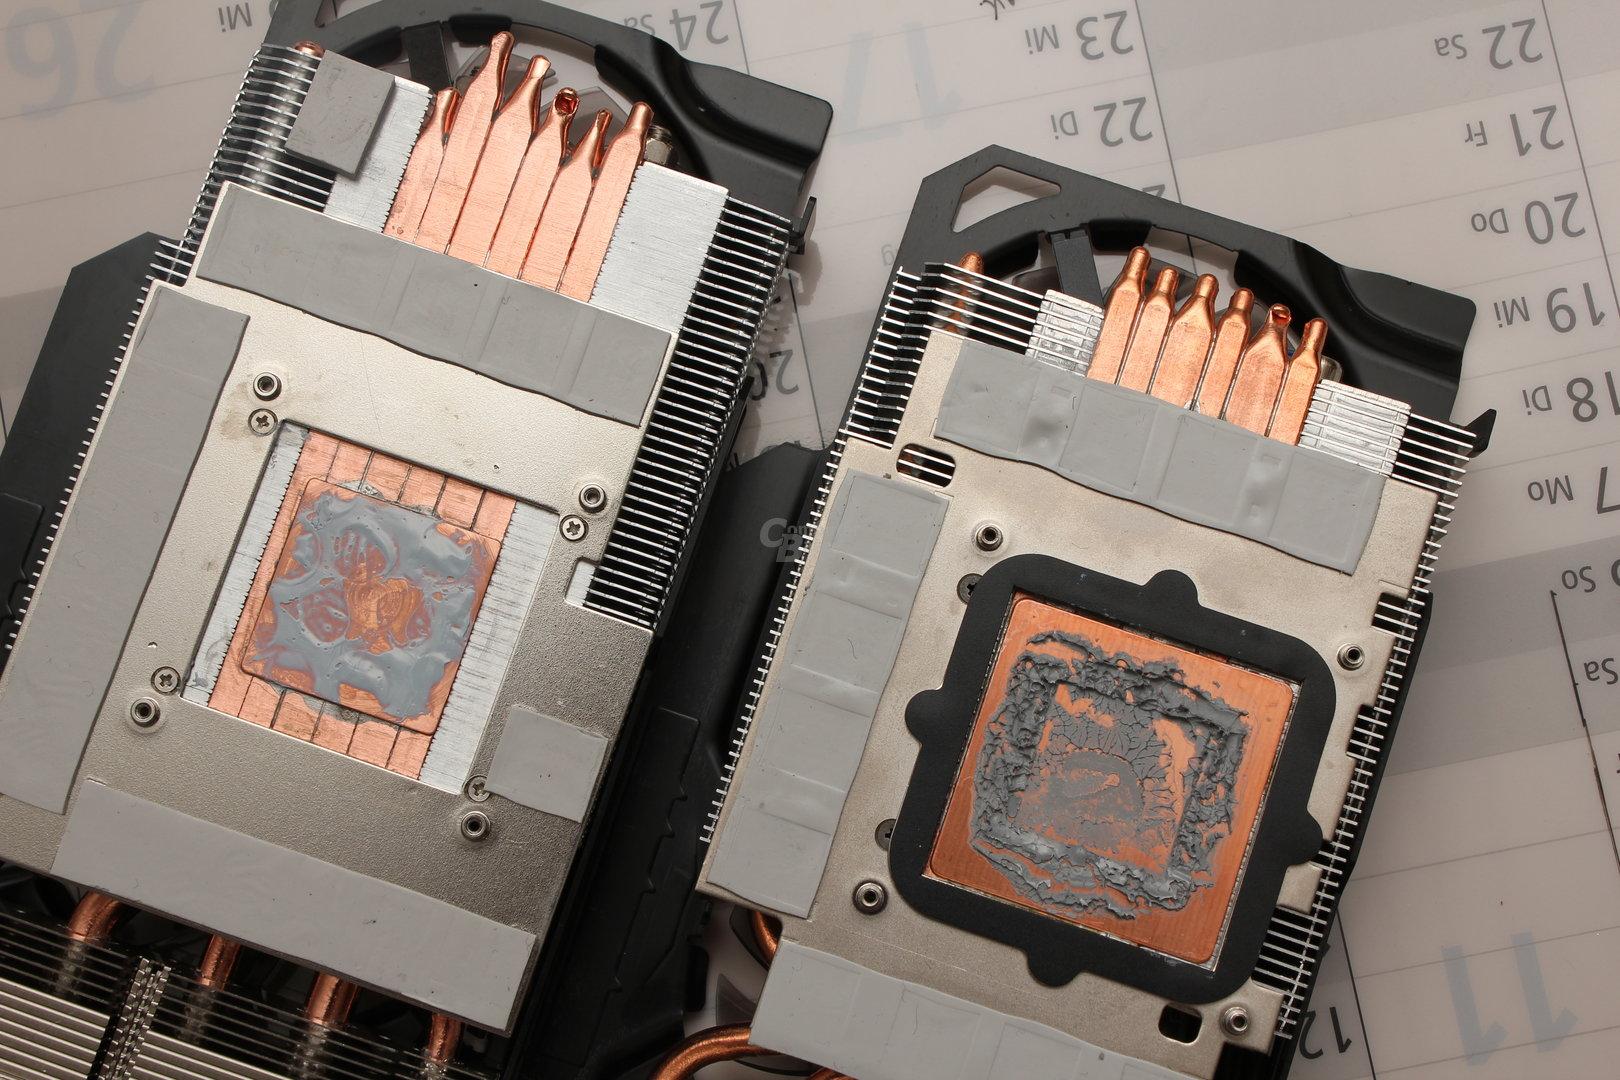 Radeon R9 290X (links) und GTX 780 Ti im Vergleich